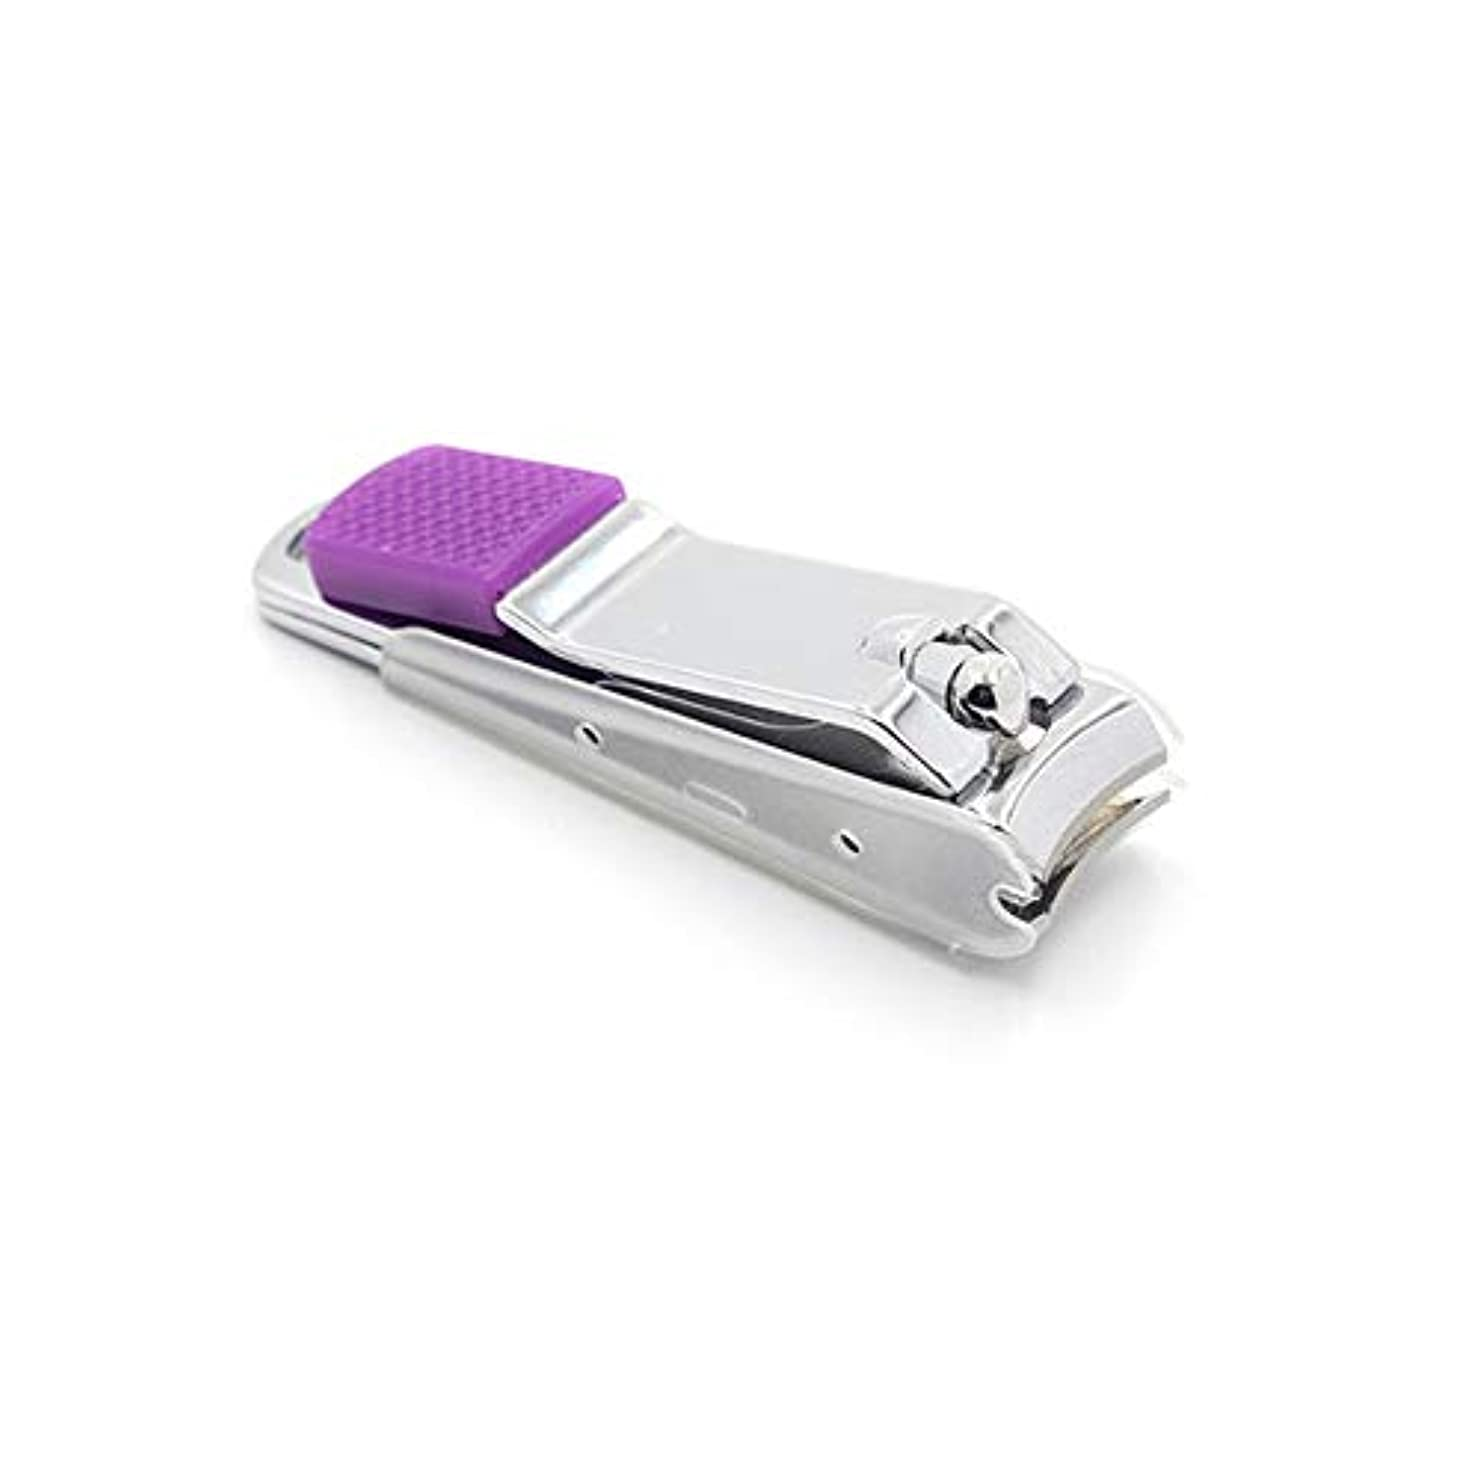 割れ目バスルーム麻酔薬ステンレス鋼製爪切り飛び散り防止爪切り男女兼用 爪切り、ランダムな色